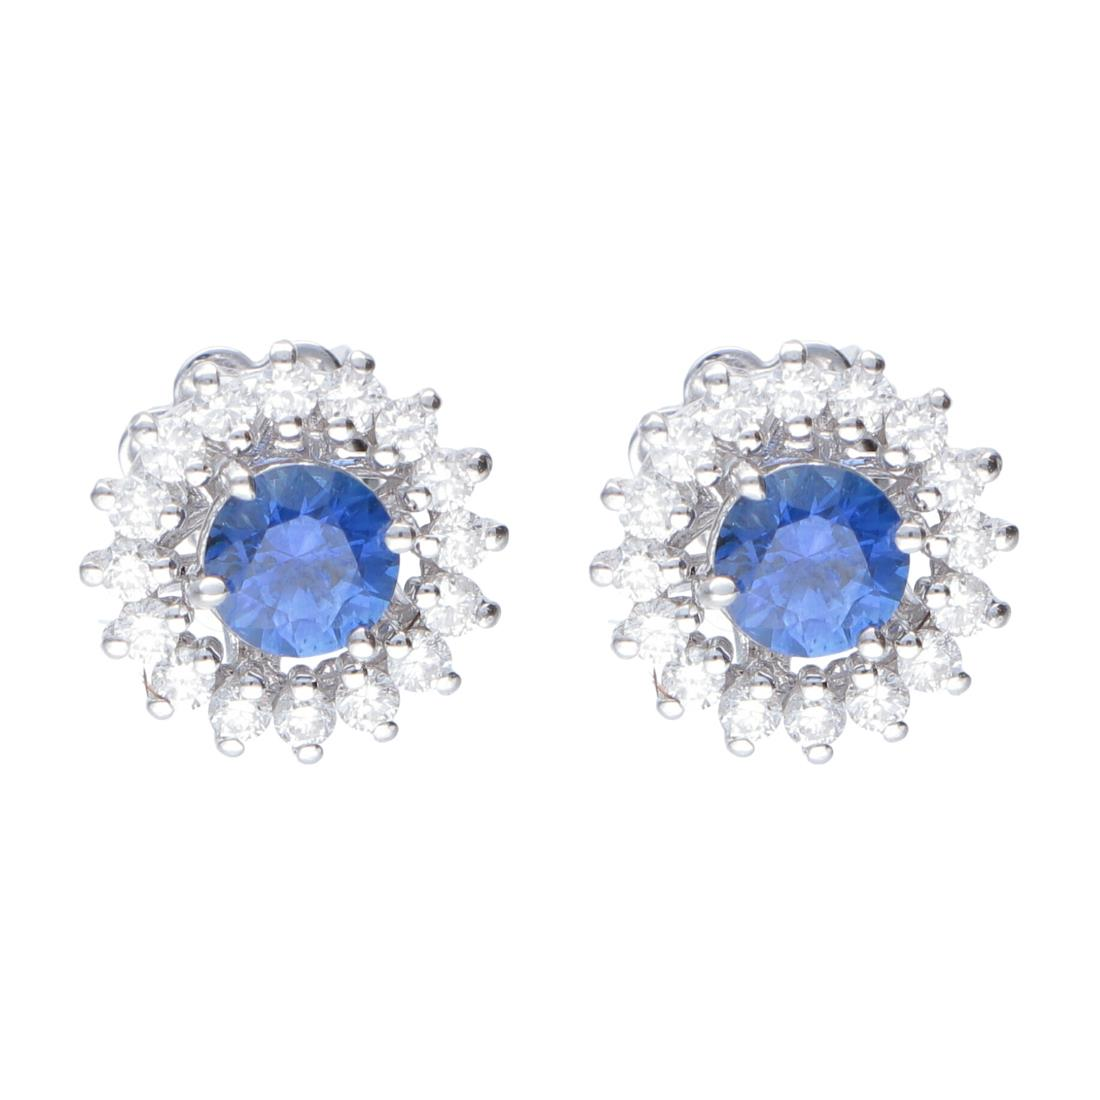 Orecchini in oro bianco con diamanti ct 0.70 e zaffiri ct 0.40 - ALFIERI & ST. JOHN